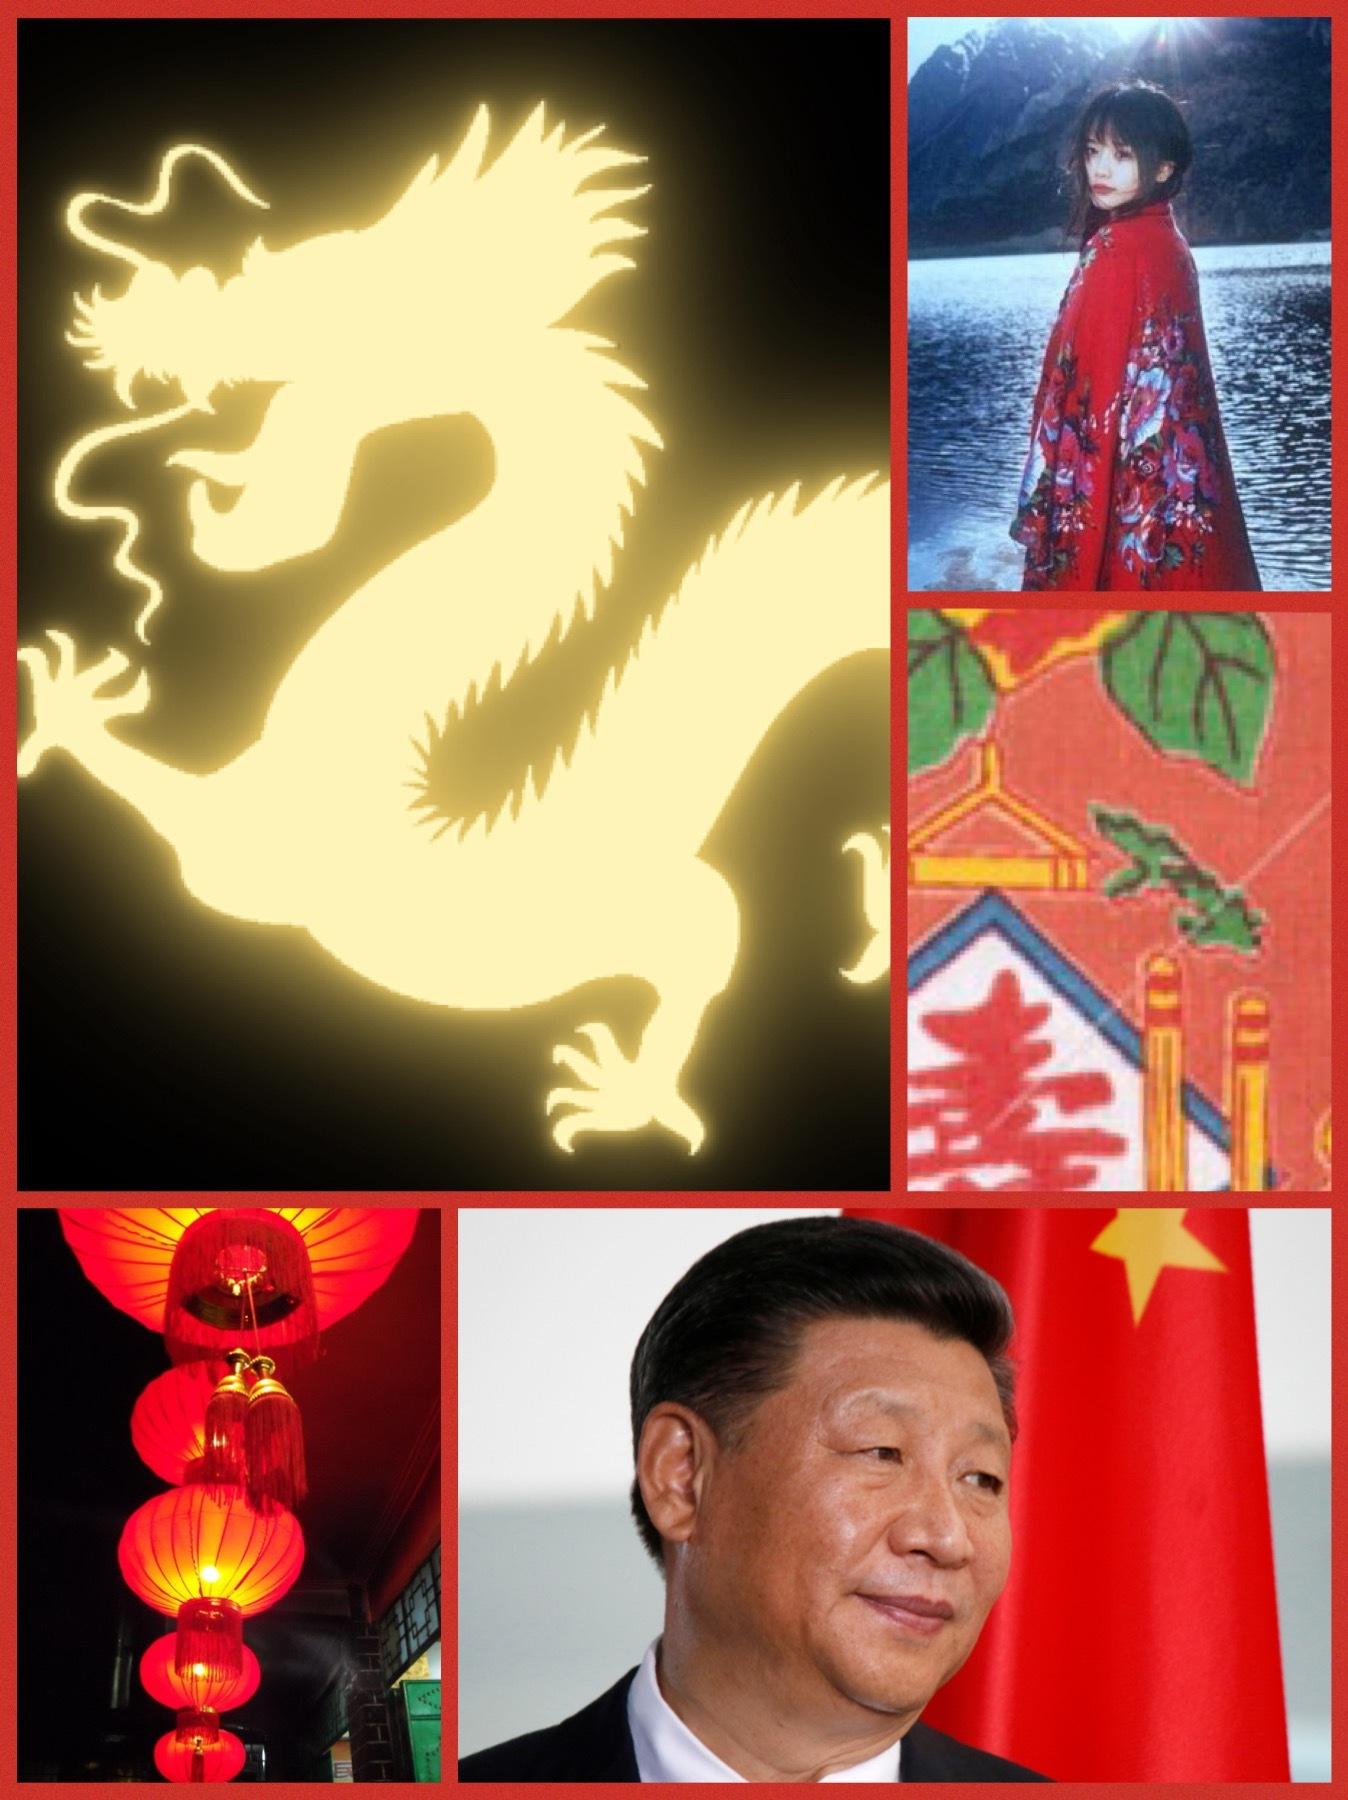 中国のイメージ 日本から見た